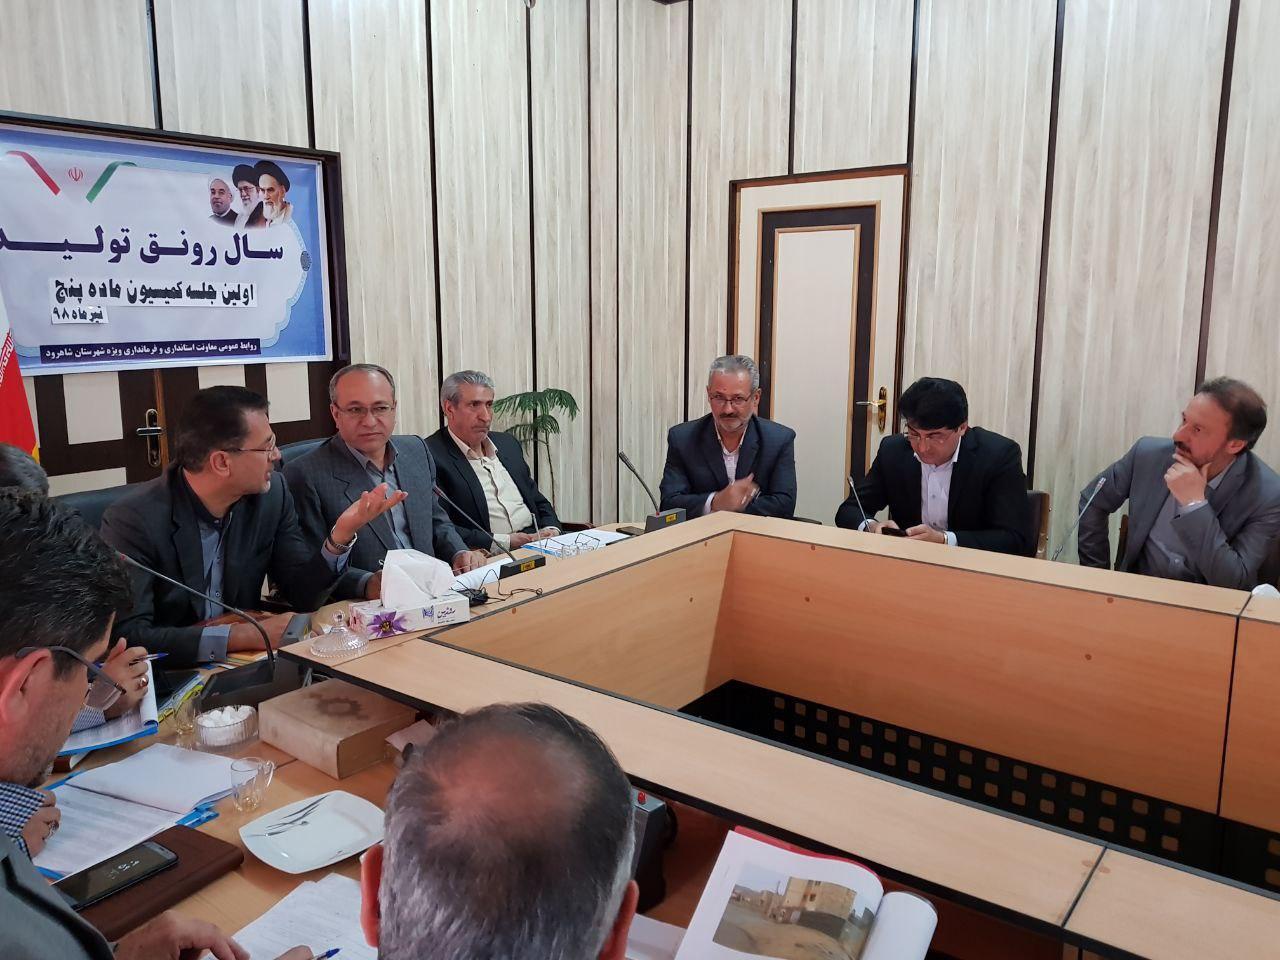 ✅ تشکیل کمیسیون ماده 5 بعد از 70 سال در شاهرود+ تصاویر